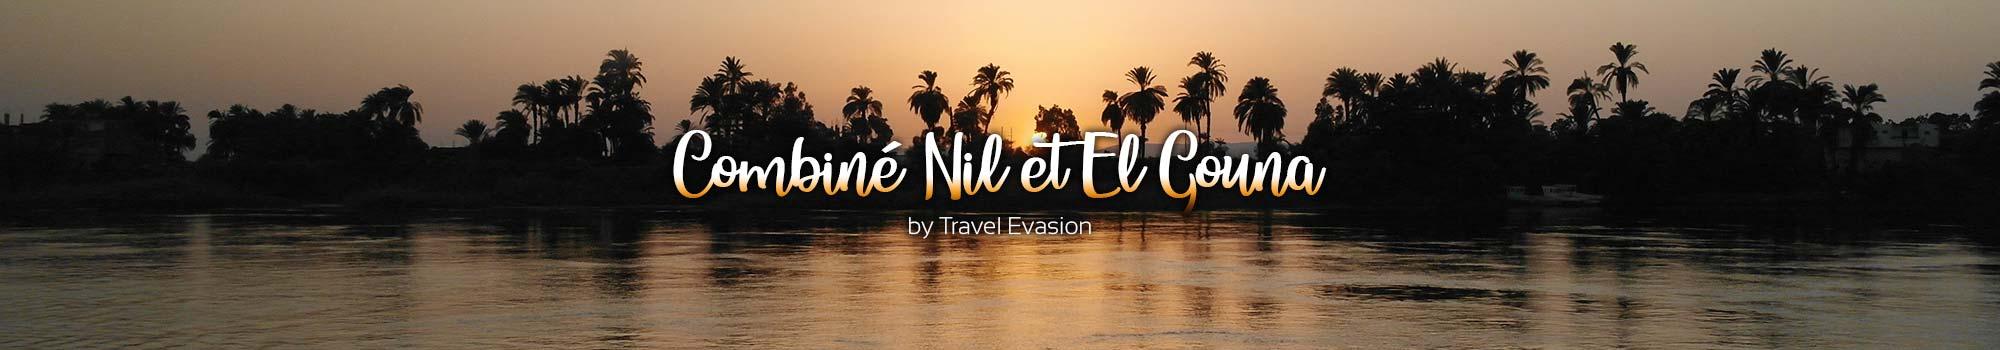 Voyage Egypte, Combinés croisière sur le nil et séjour El Gouna